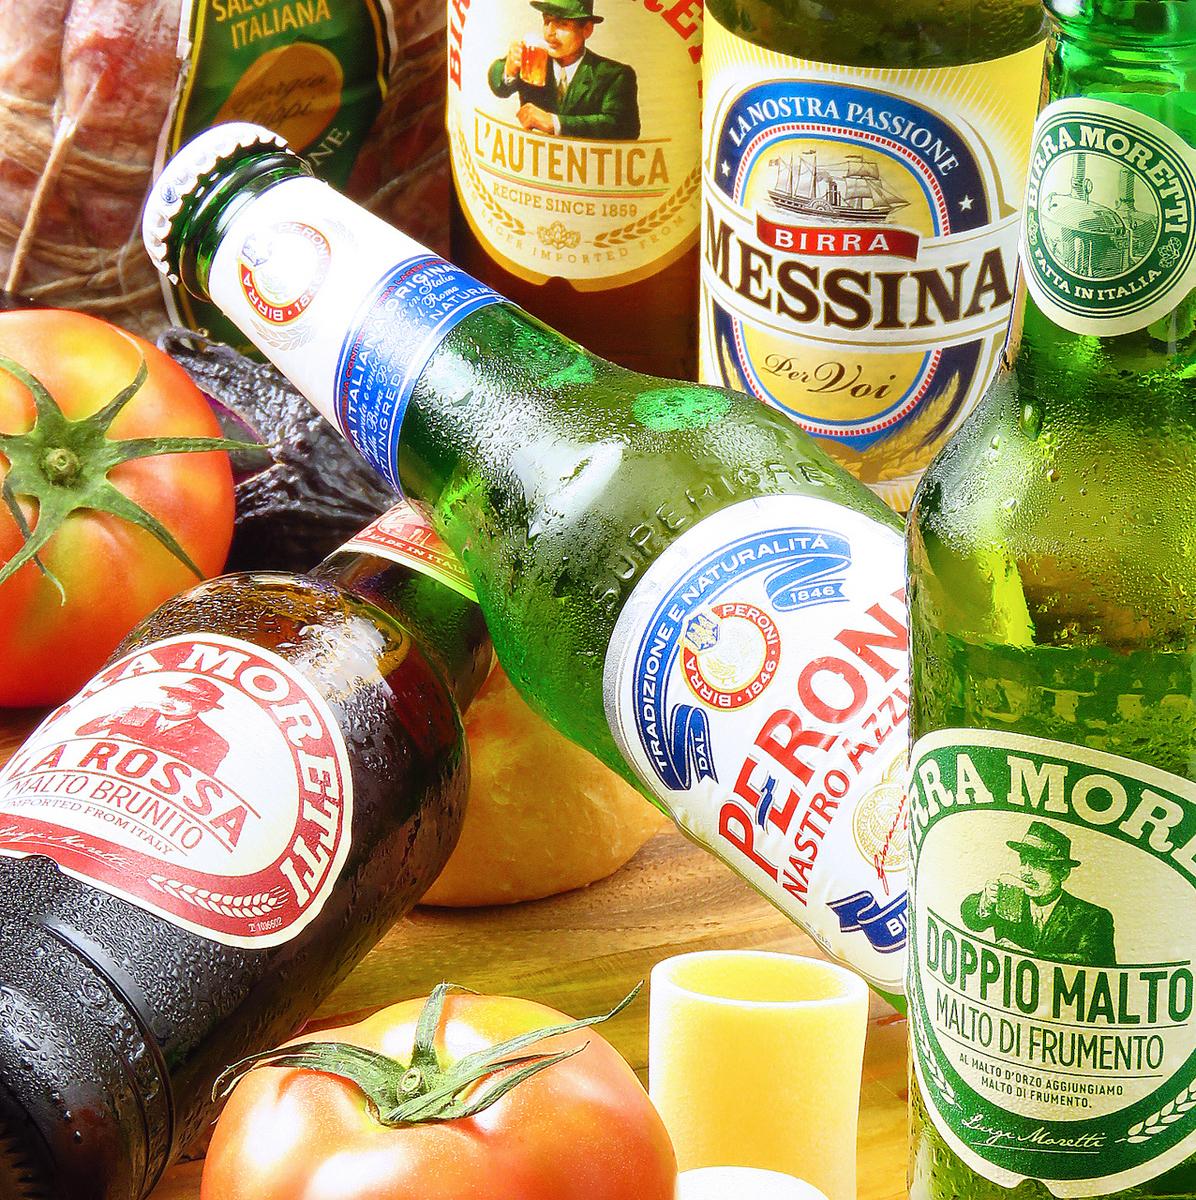 술 맛이 상쾌한 이탈리아 맥주 입하했습니다 !!